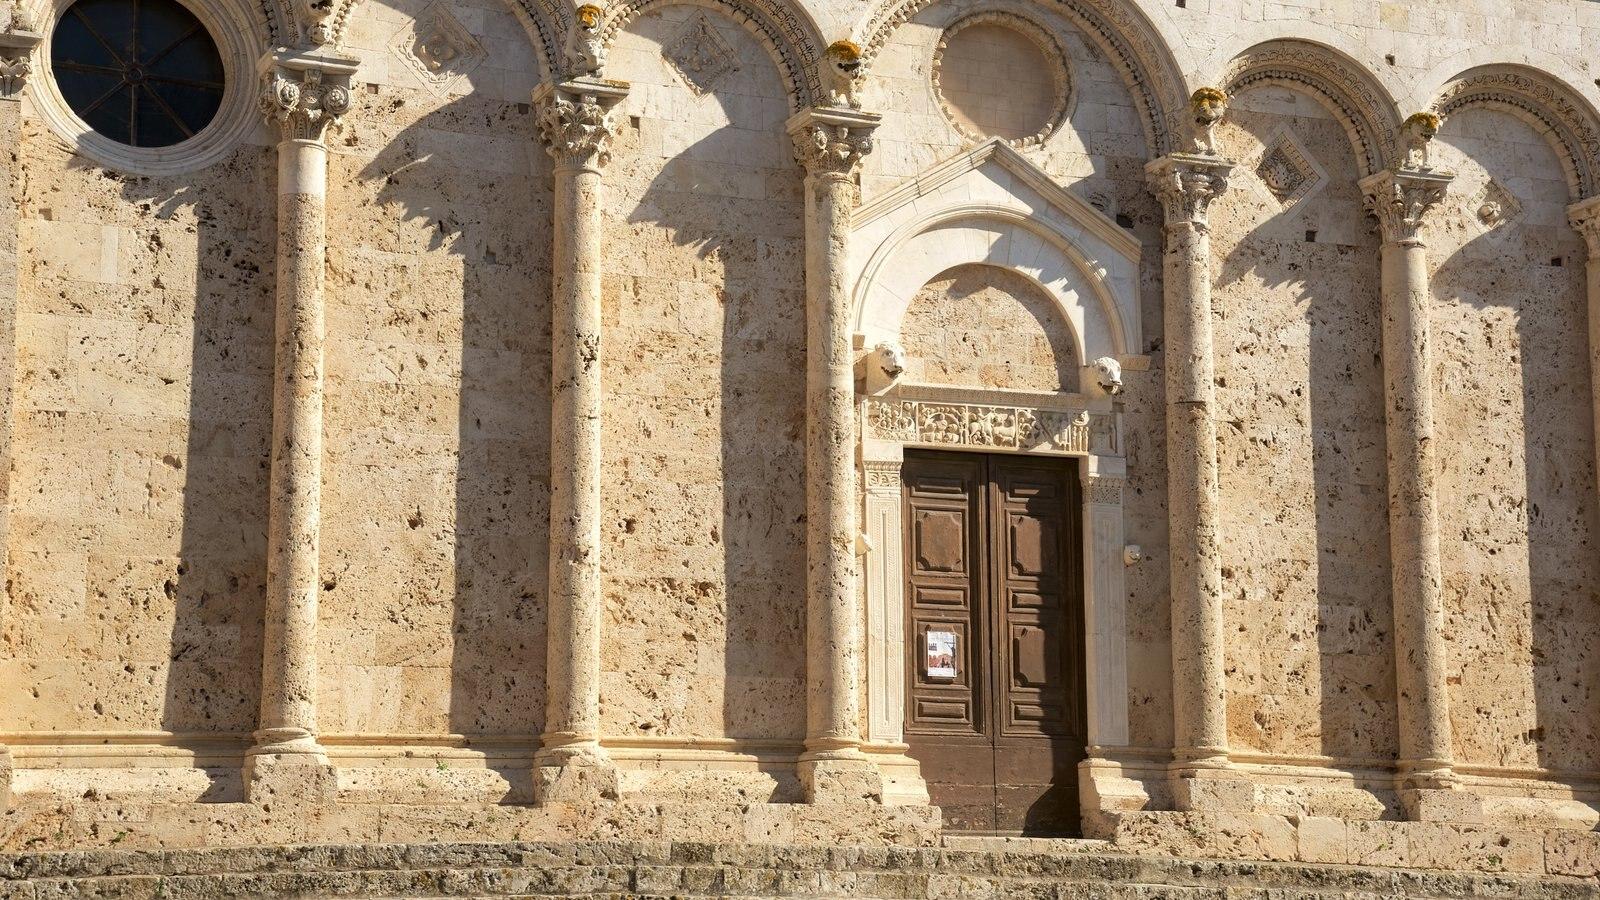 Massa Marittima which includes heritage architecture